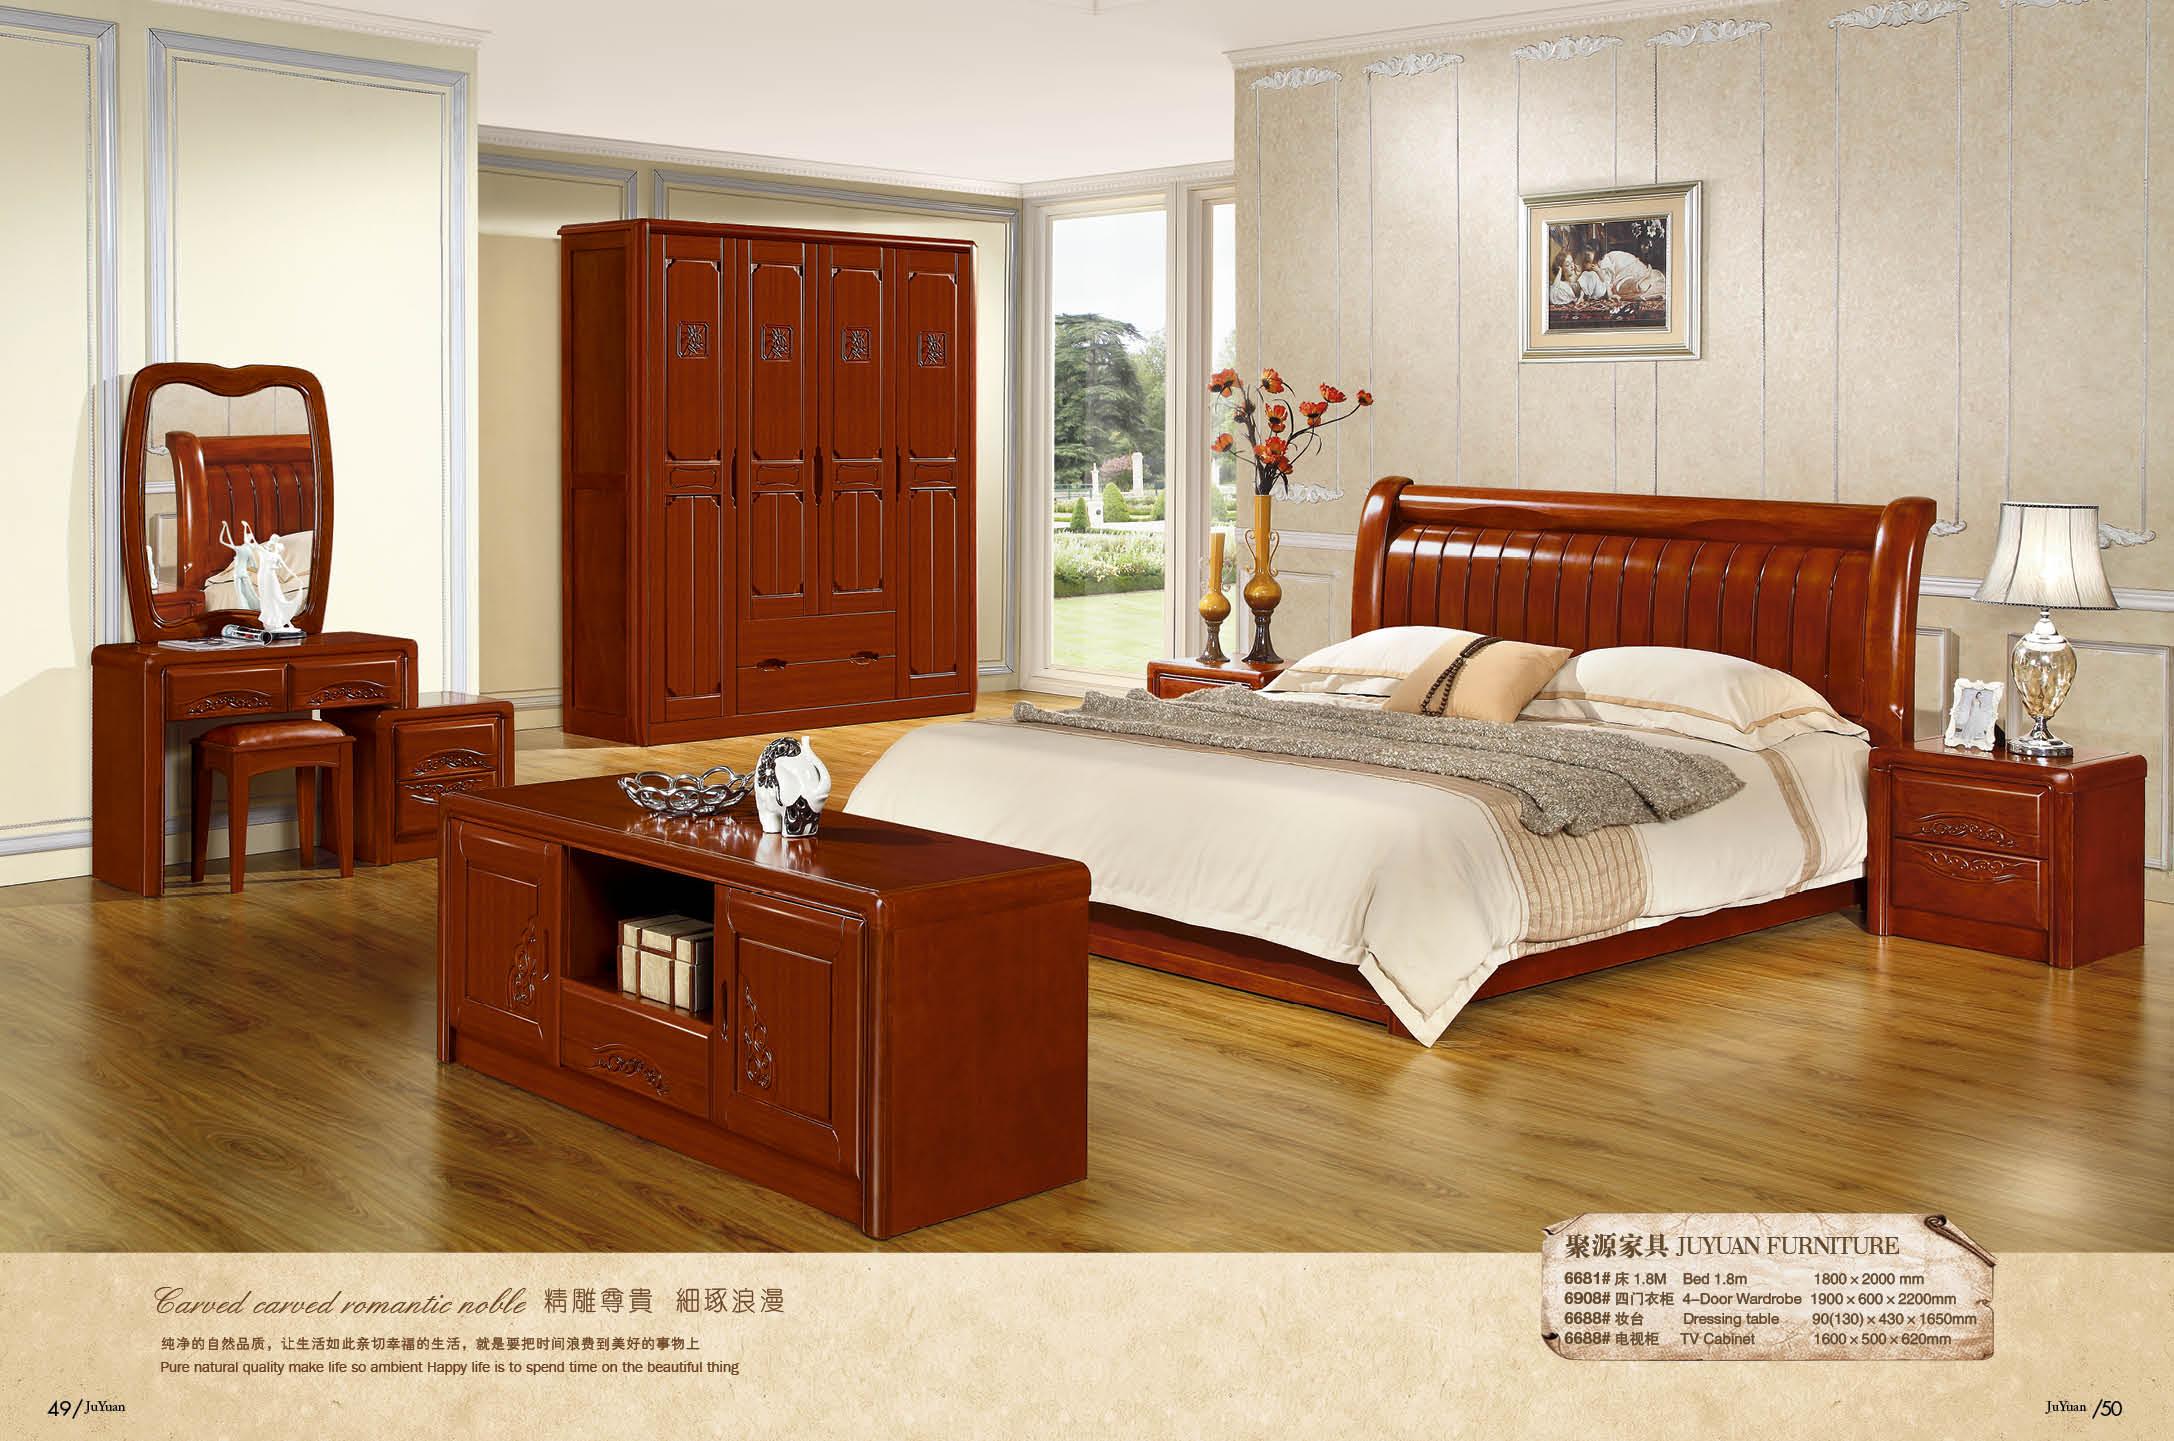 广东聚源品牌高端家具,床 四门衣柜 妆台 电视柜定制,坂木结合楠木